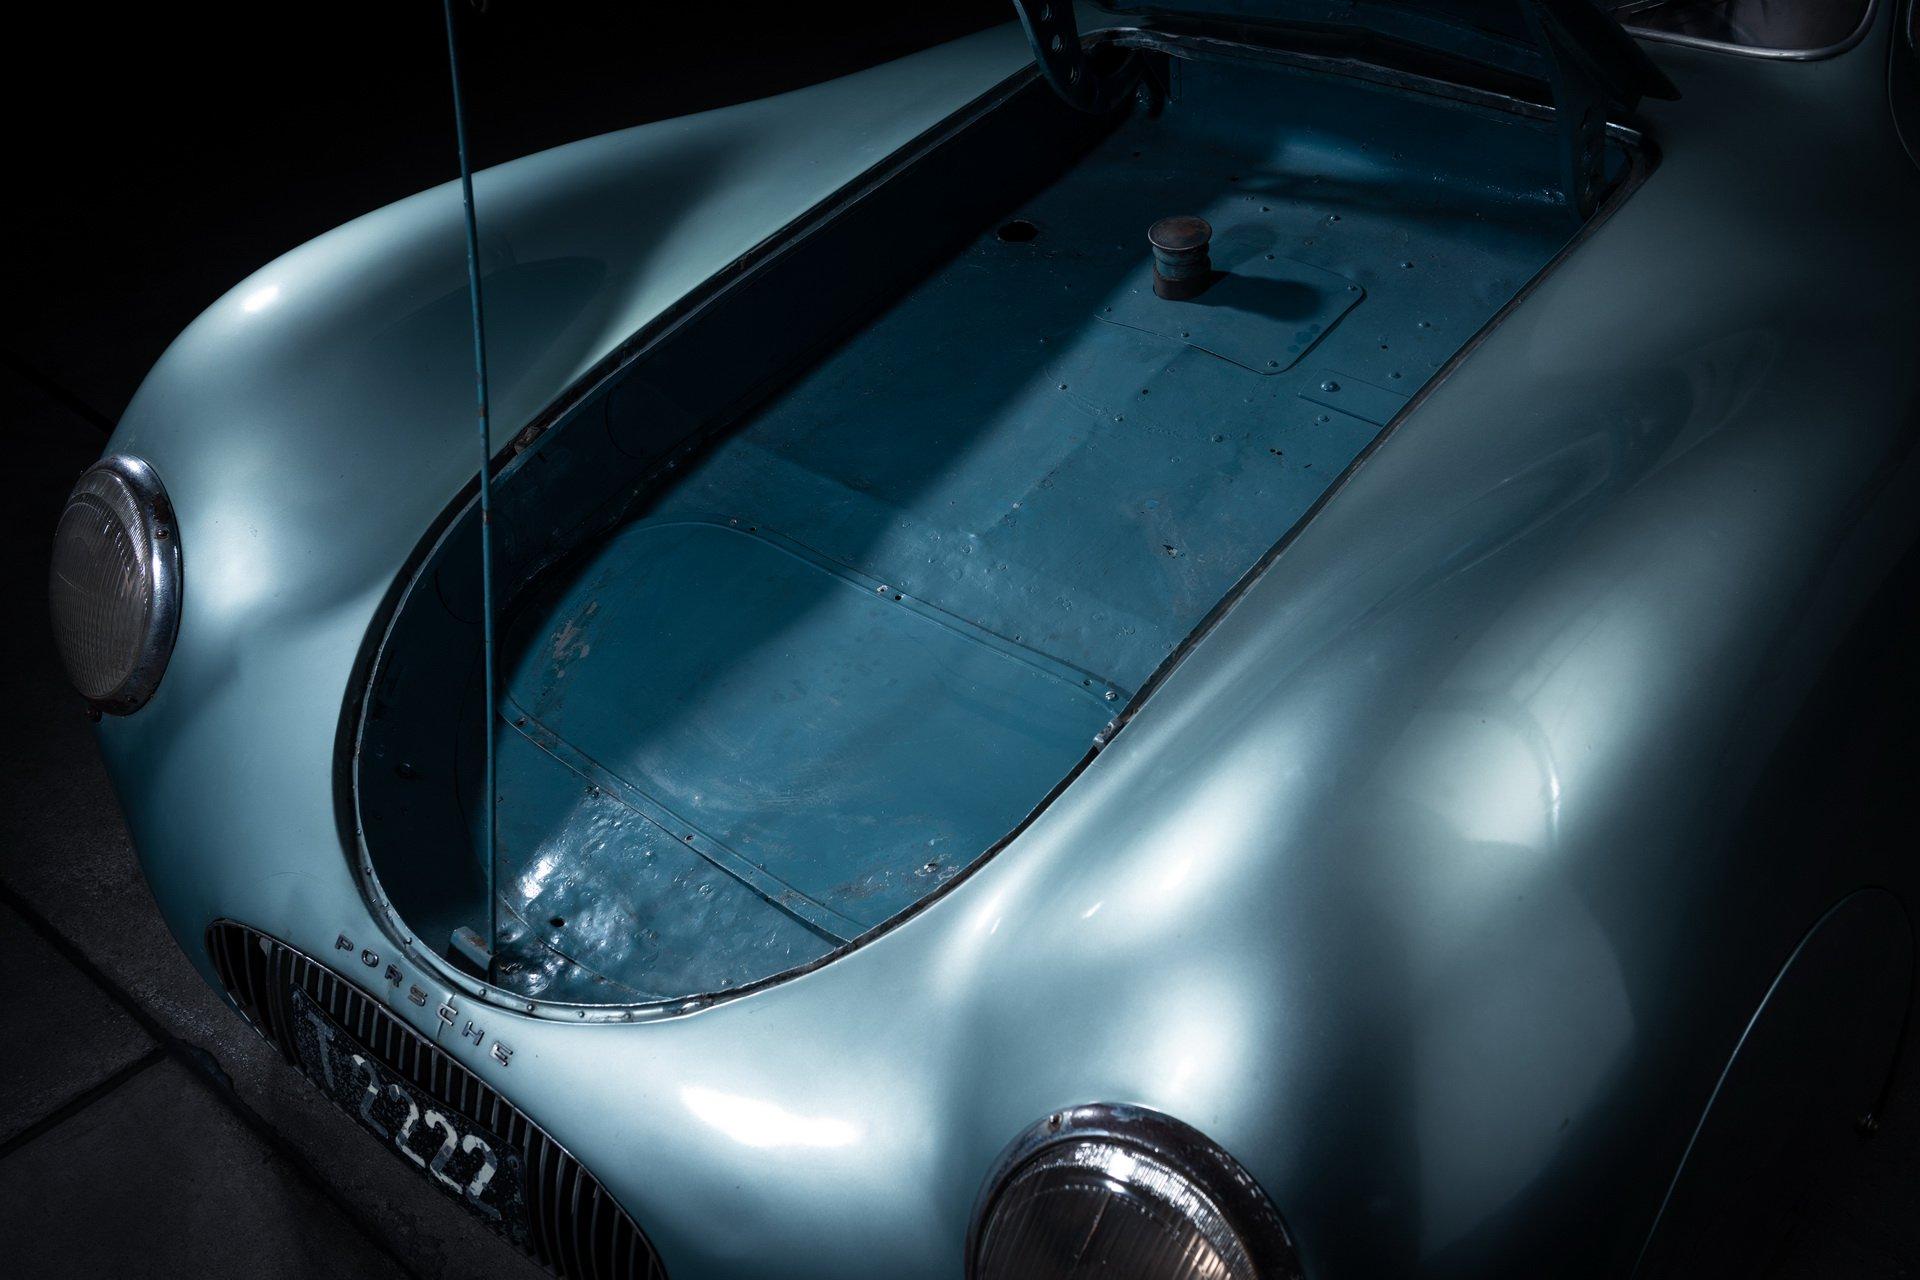 Porsche-Type-64-1939-15